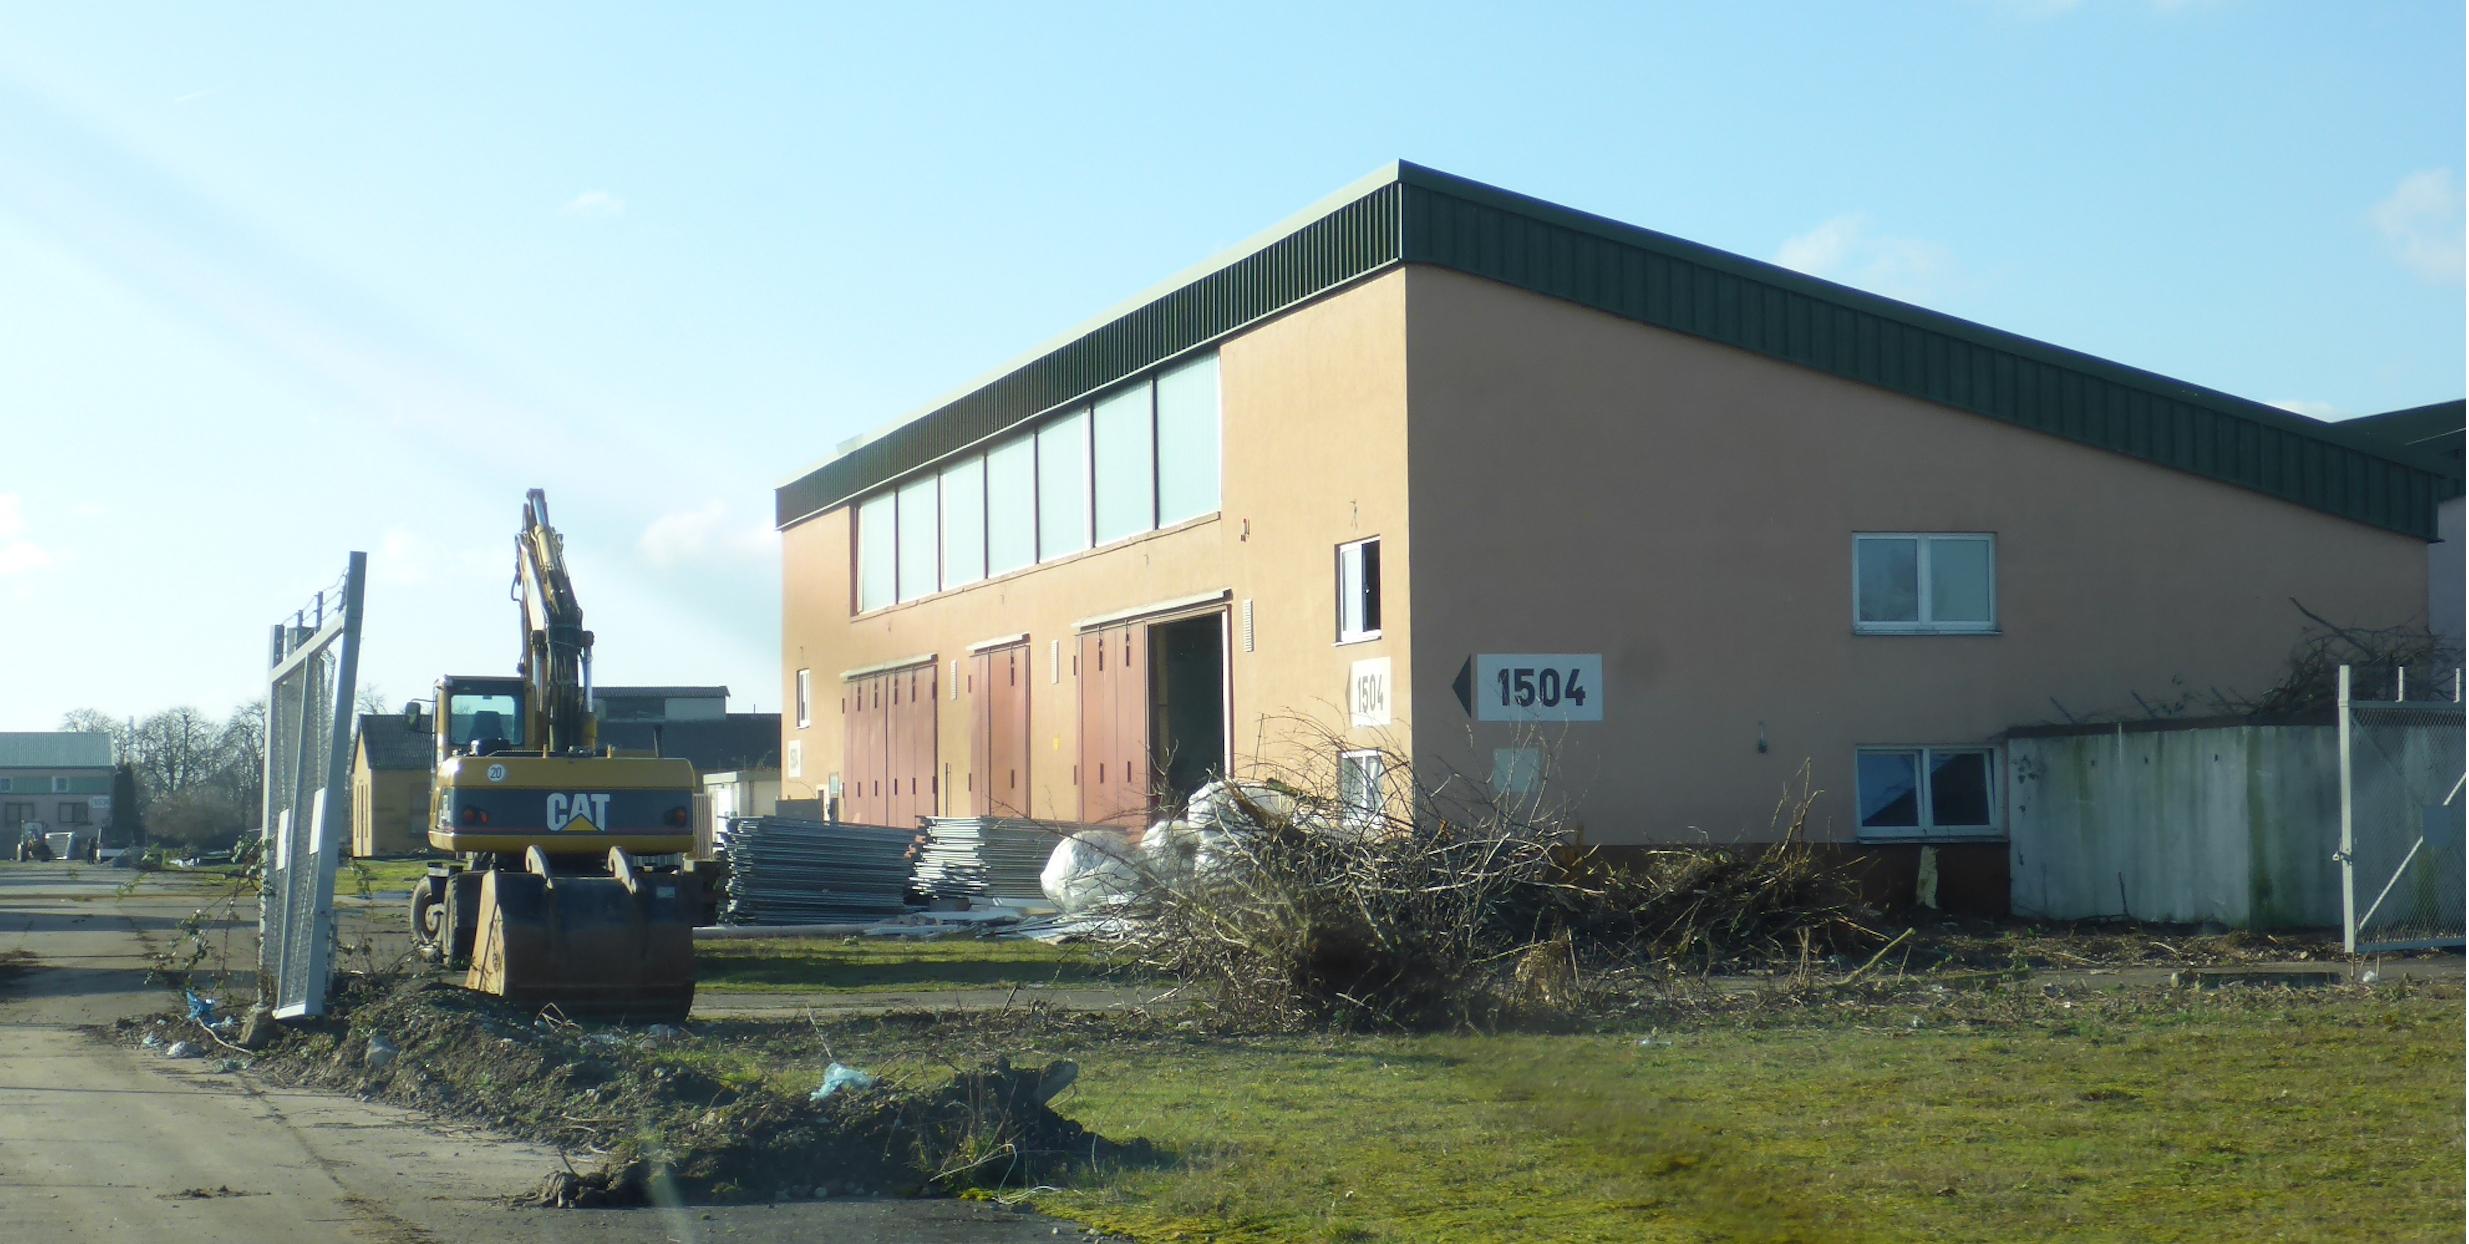 Blick auf eine Halle auf Spinelli. Vor der Halle sind Bauzäune aufgestellt.